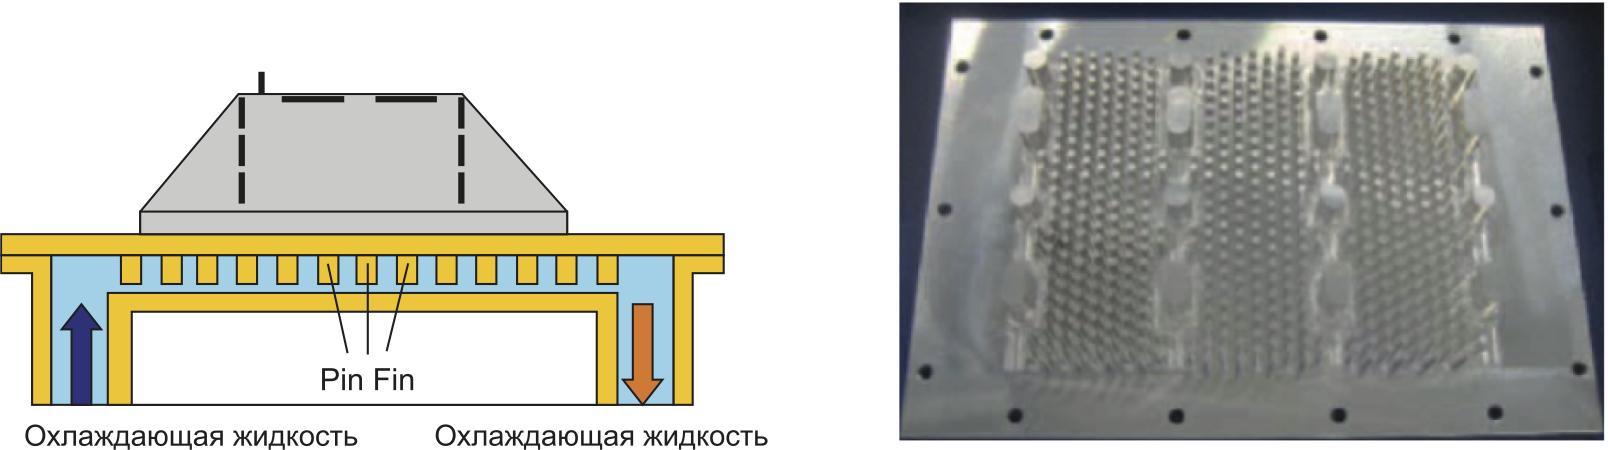 Использование игольчатой поверхности для увеличения площади теплопередачи